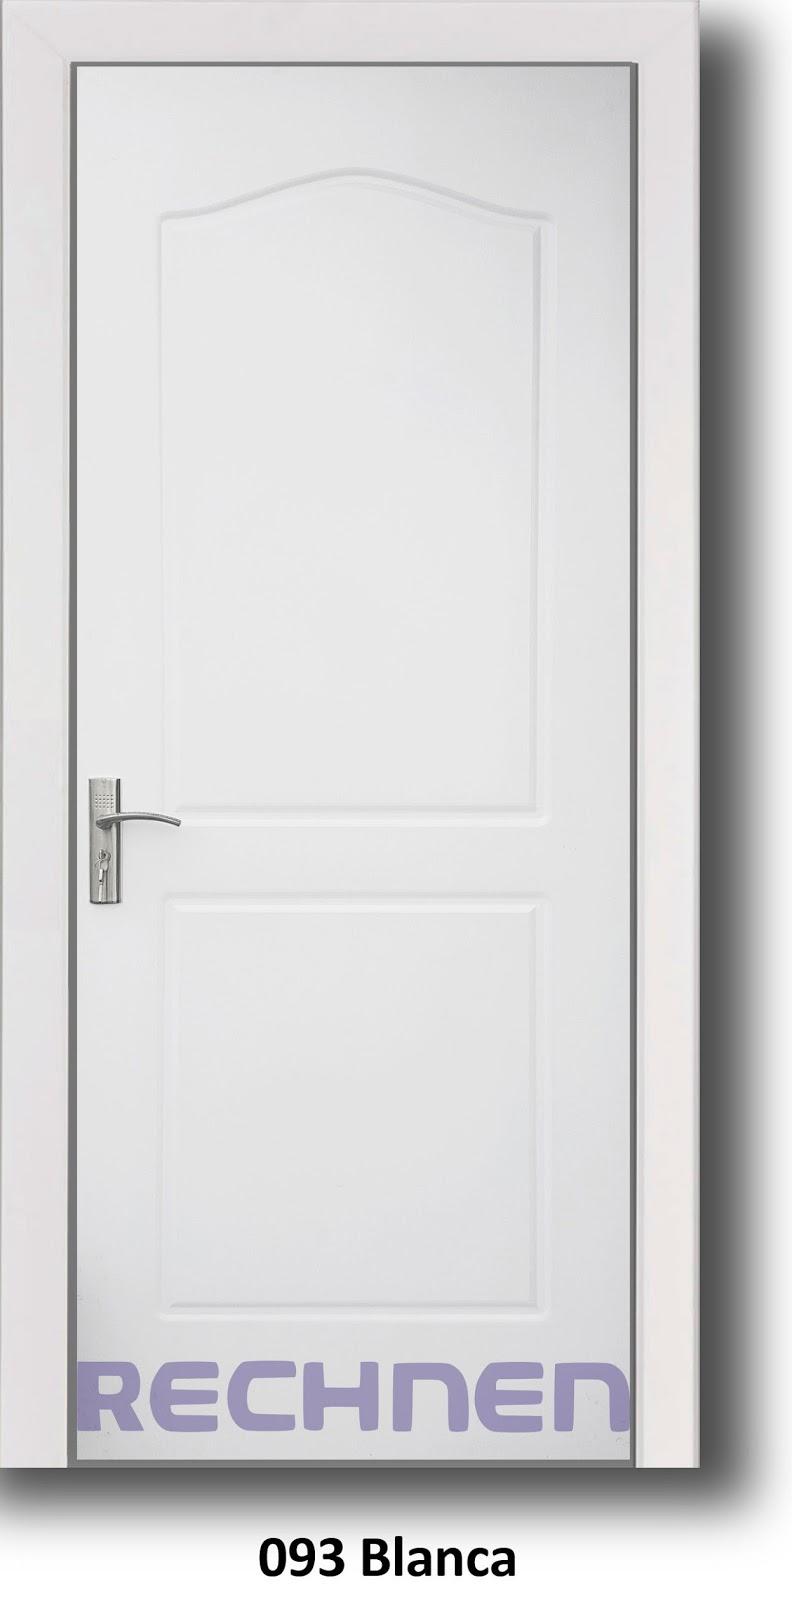 Puertas de seguridad estilo europeo ventanas de aluminio for Puertas de aluminio medidas estandar